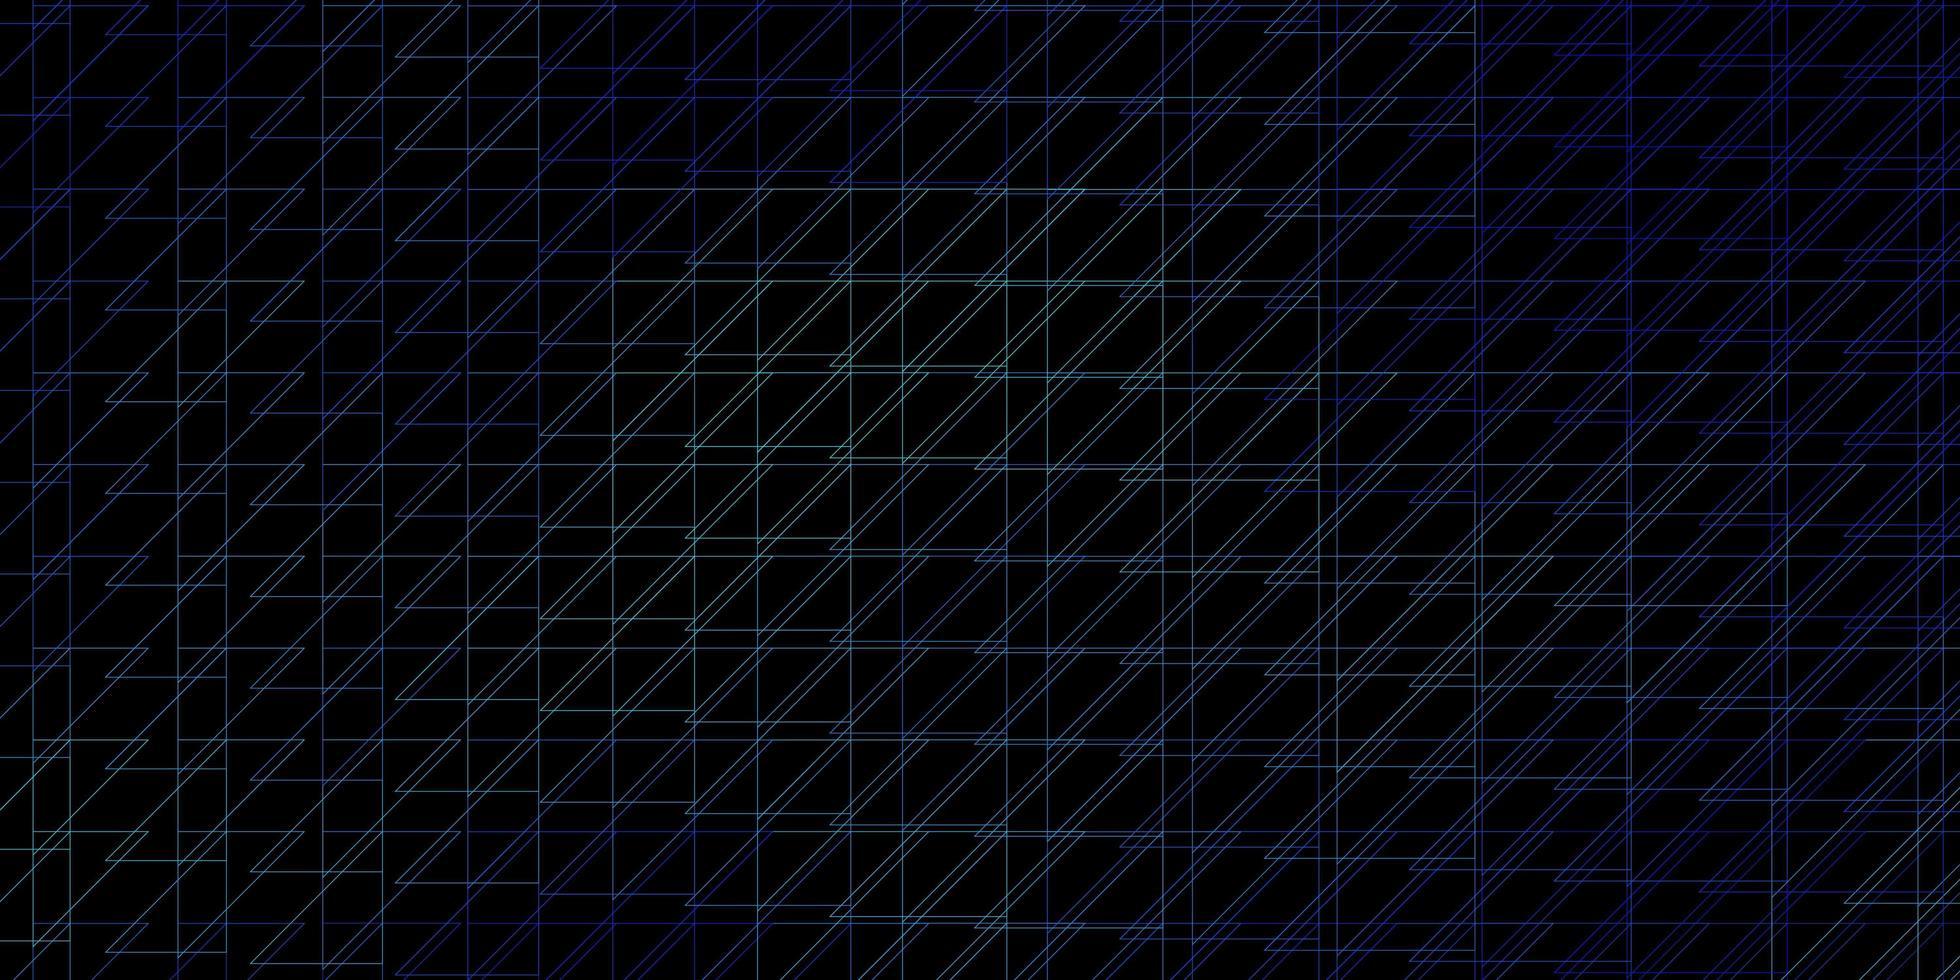 donkere lay-out met blauwe lijnen. vector